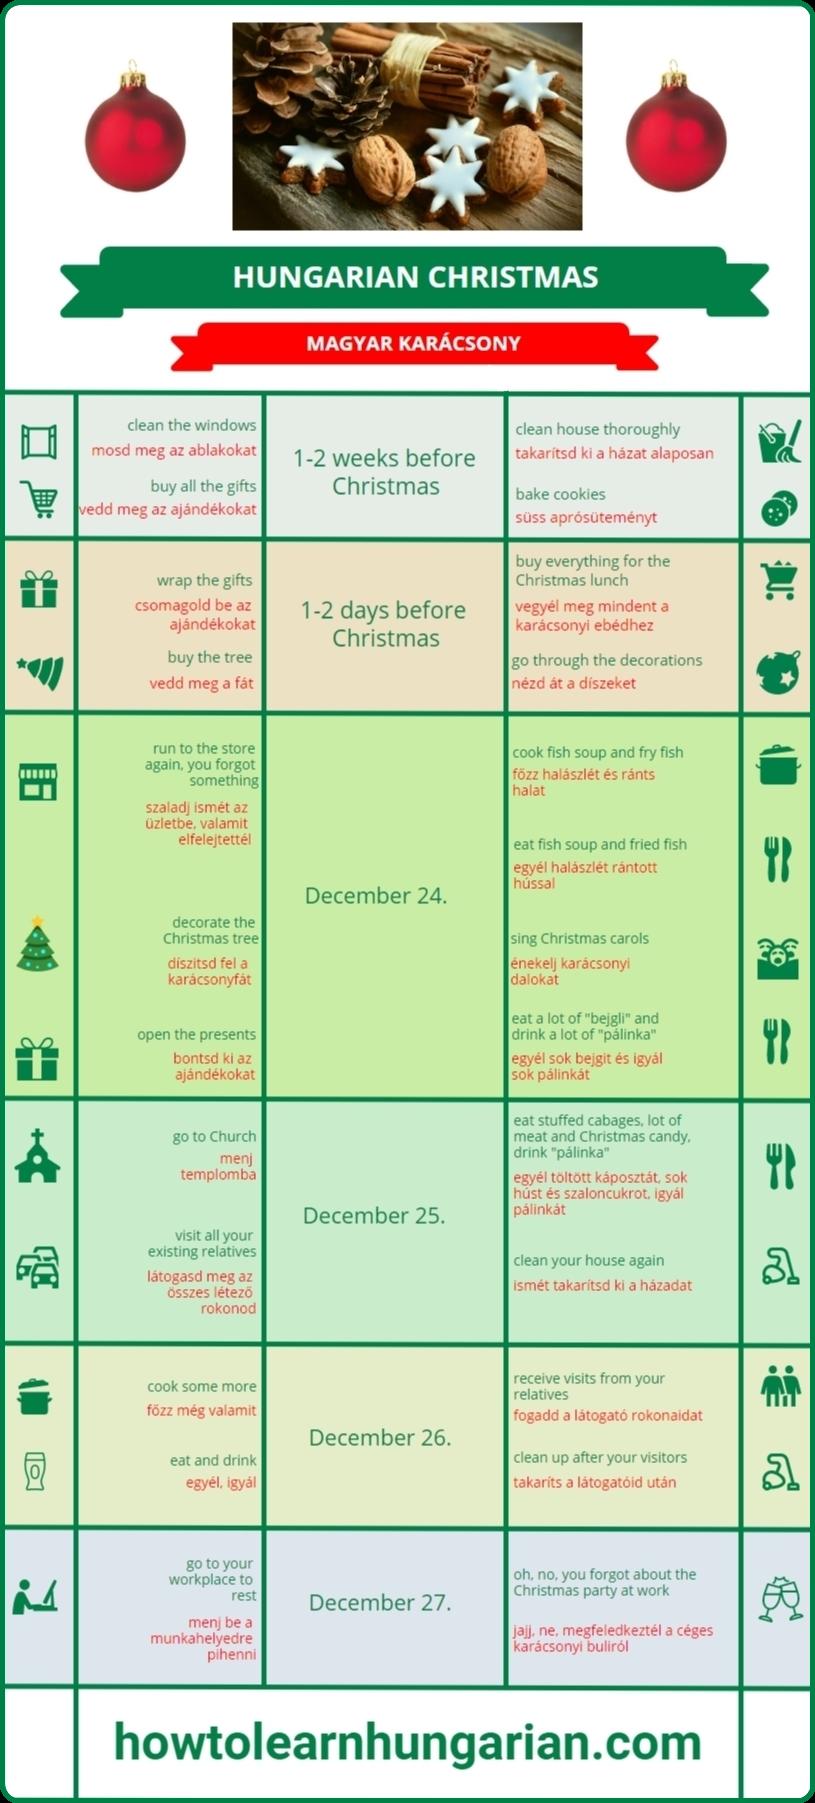 Hungarian Christmas